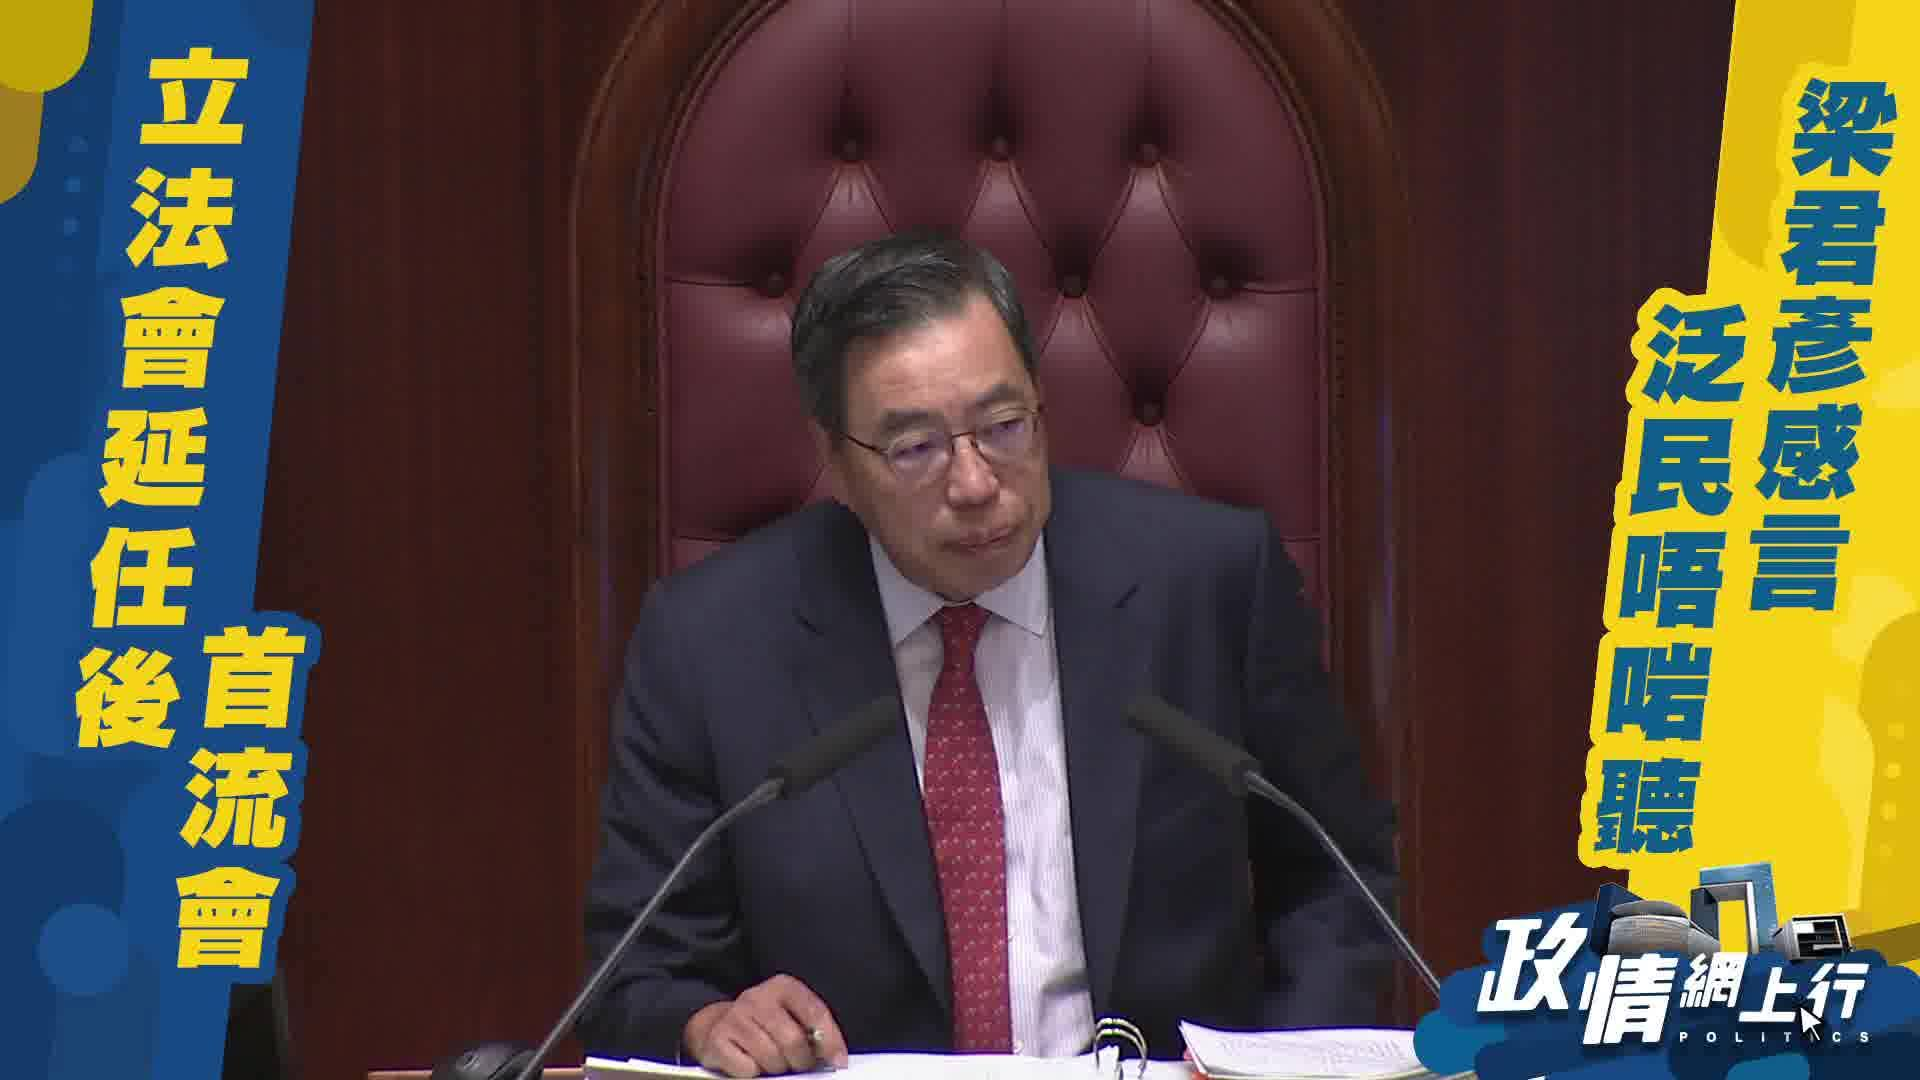 【政情網上行】立法會延任後首流會 梁君彥感言泛民唔啱聽